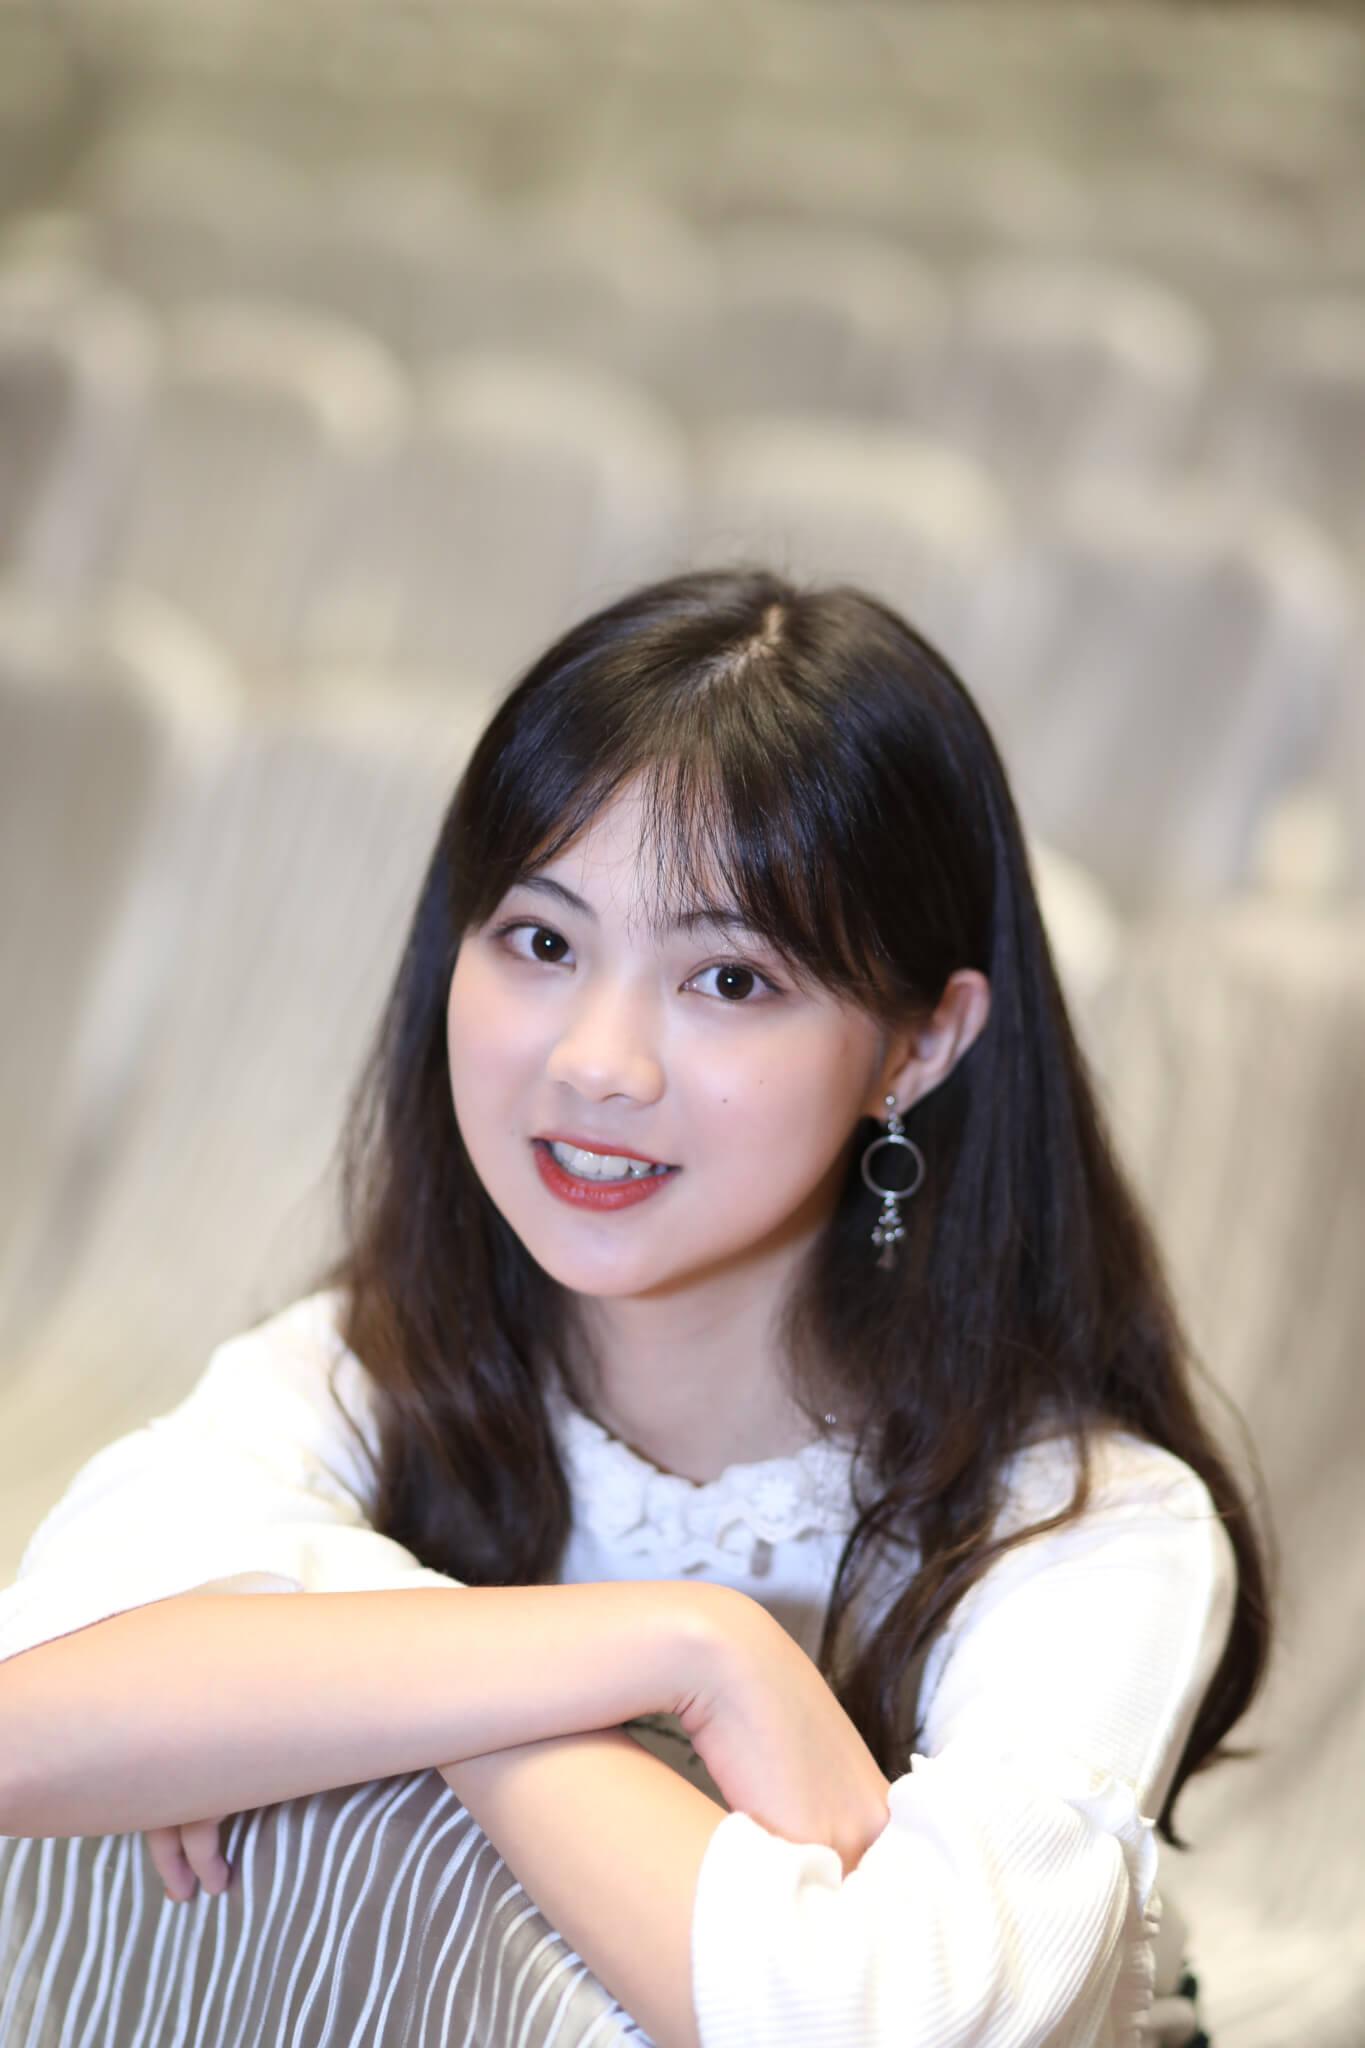 《她》劇中,區明妙飾演年輕版的田蕊妮,亮麗外型令觀眾眼前一亮。